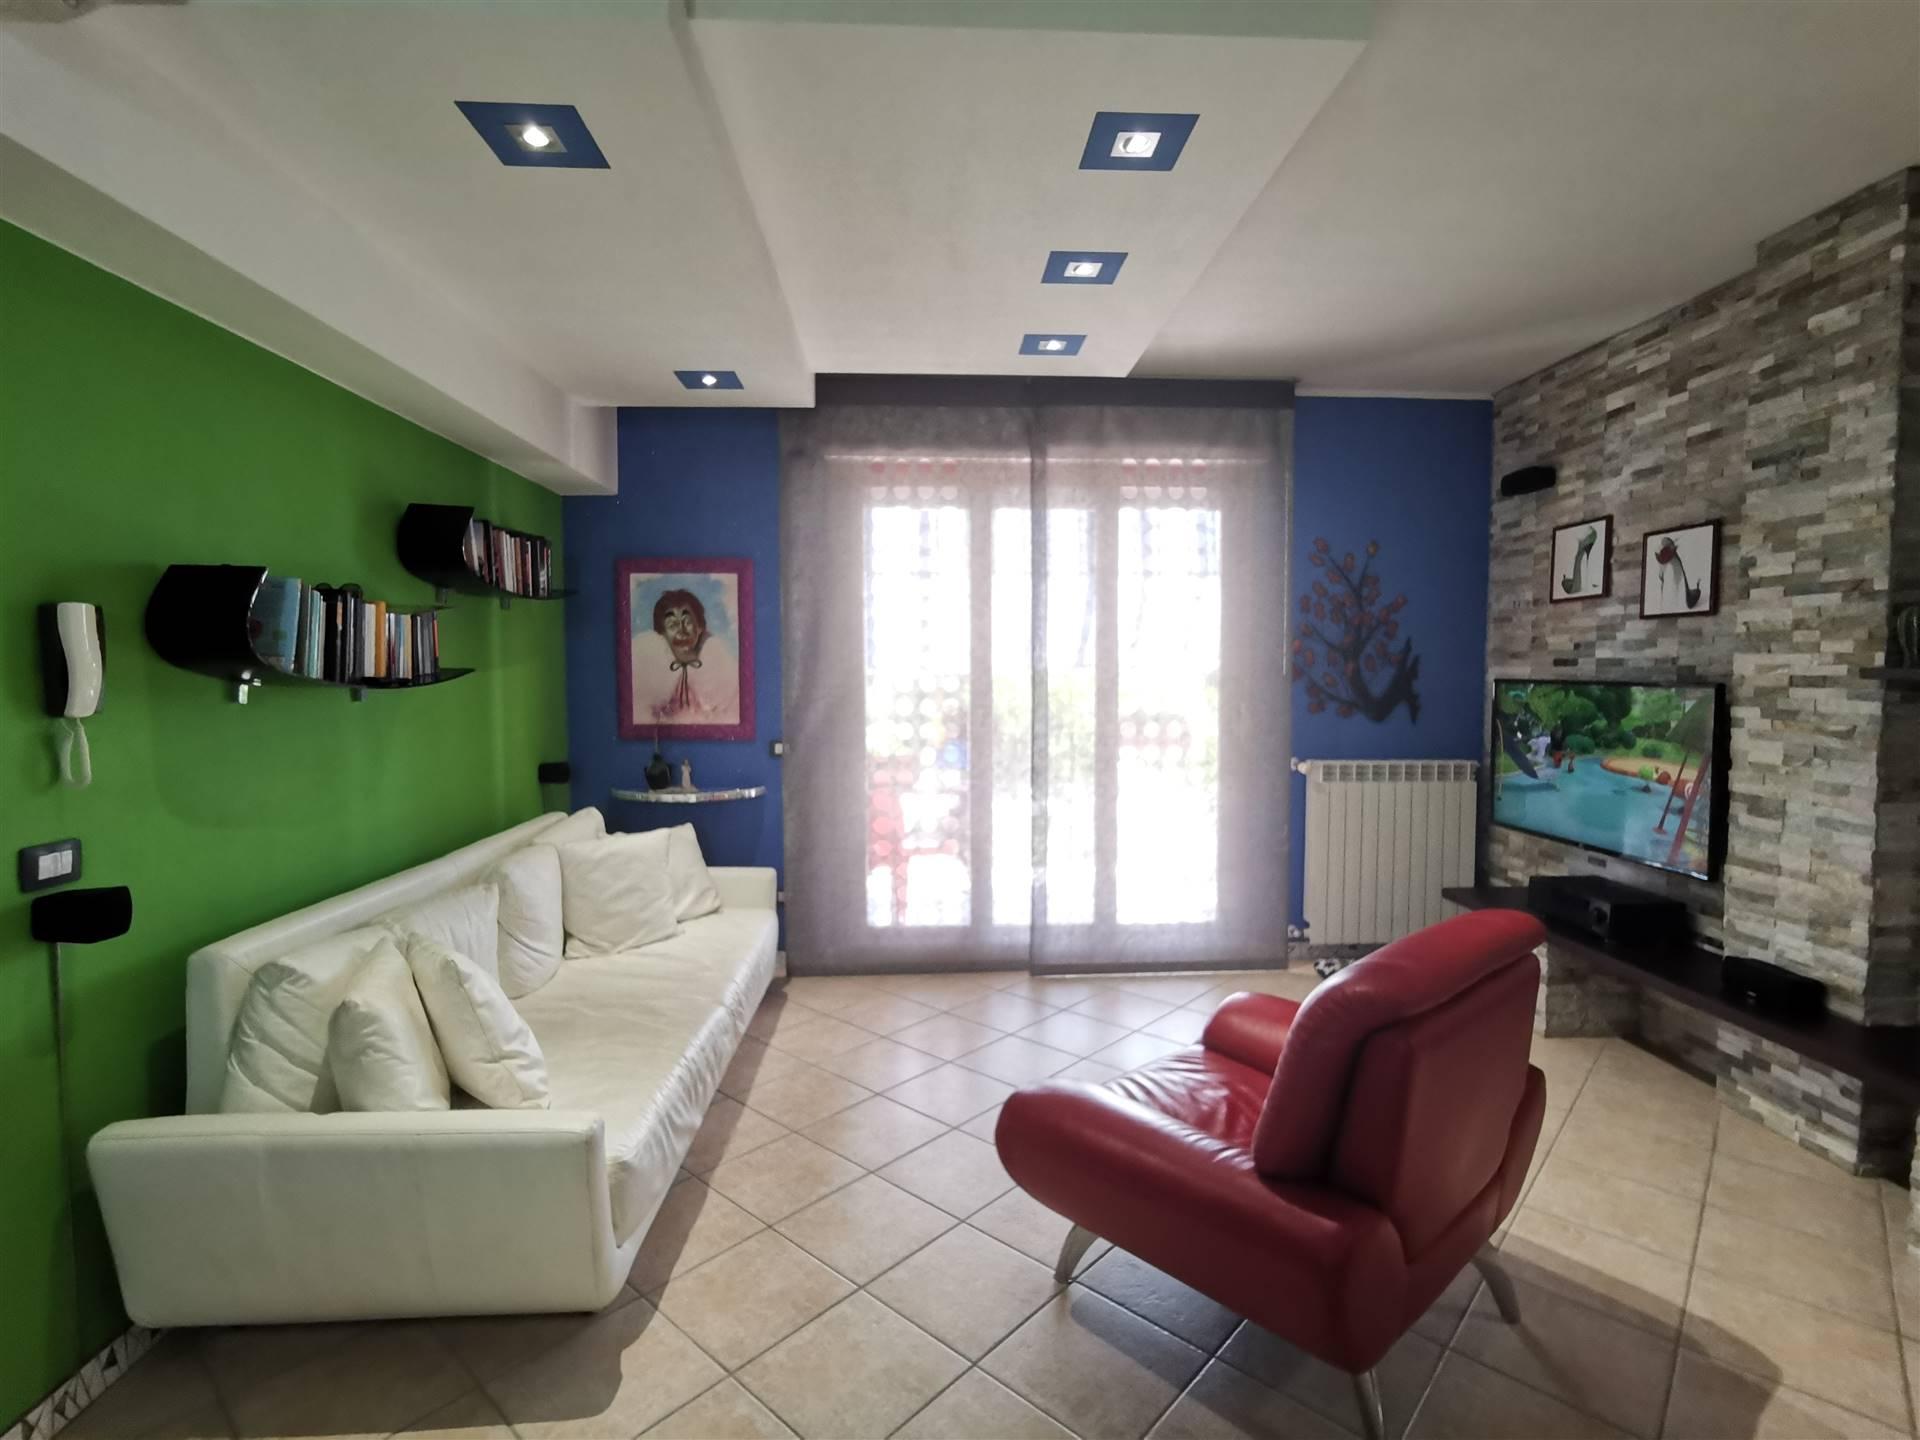 Appartamento in vendita a Campiglia Marittima, 4 locali, zona urina, prezzo € 174.000 | PortaleAgenzieImmobiliari.it